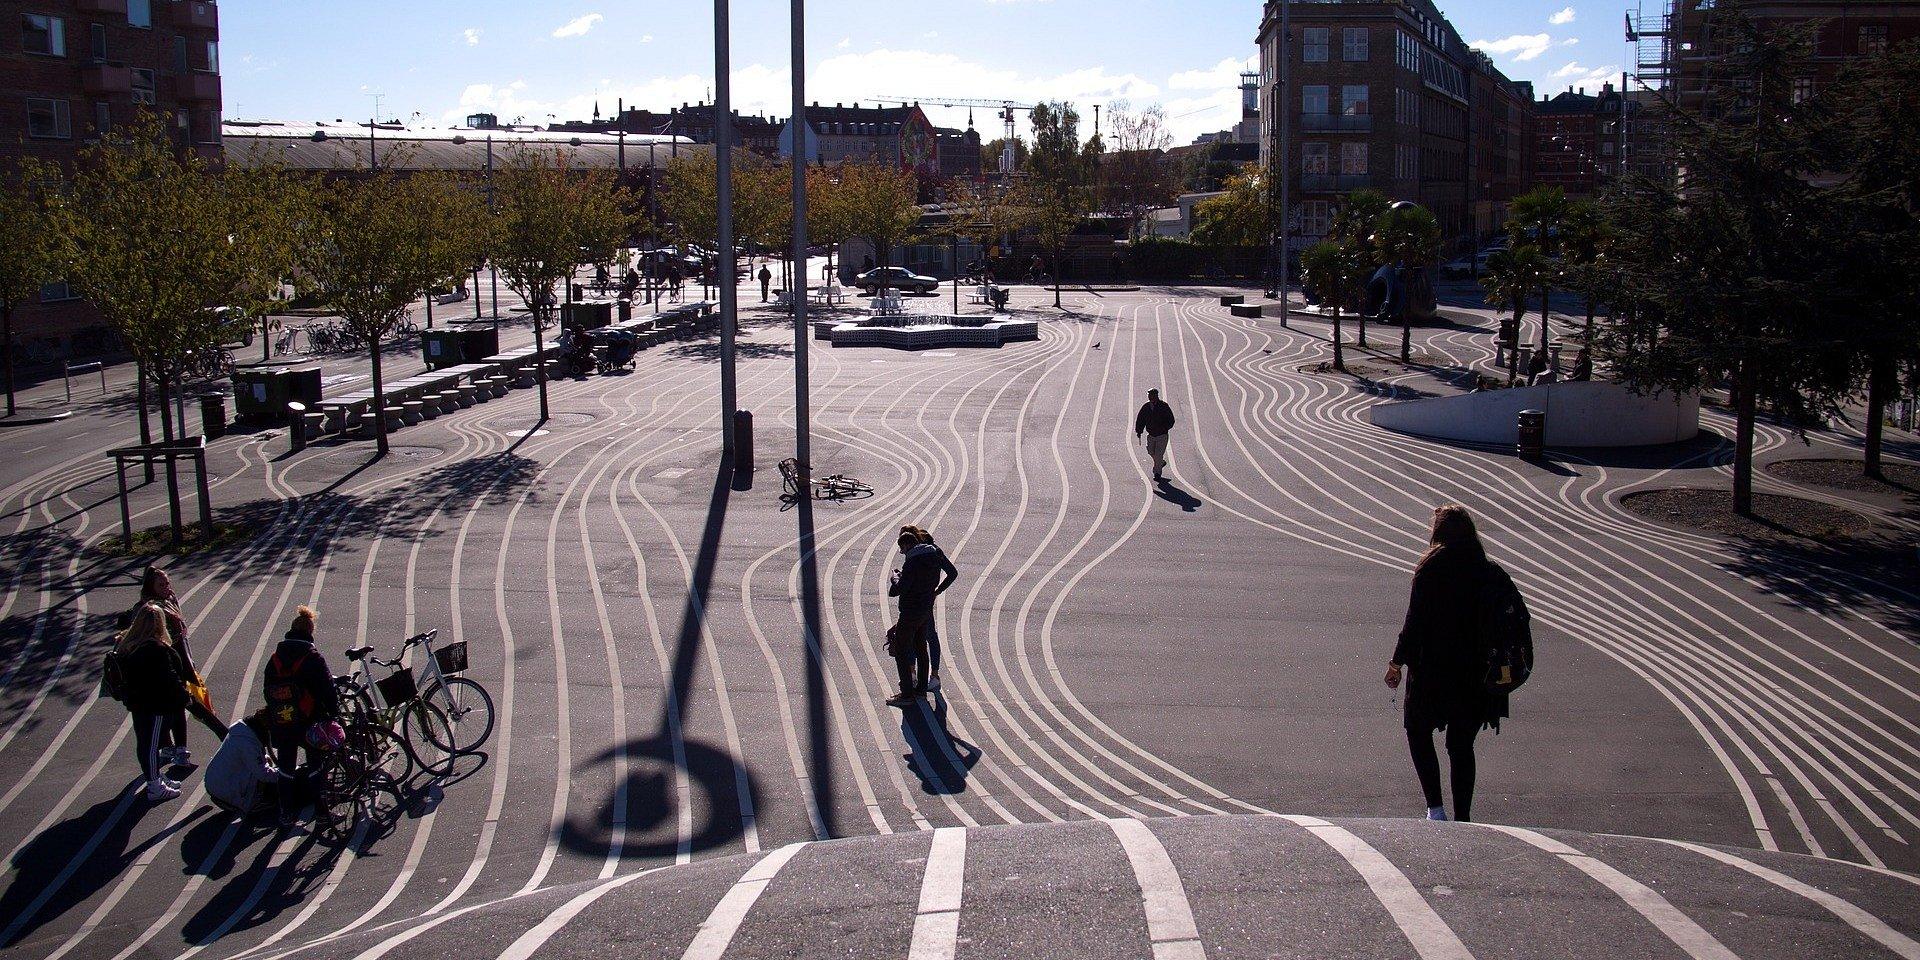 Nie rozlewajmy miast! Jak tworzyć przestrzeń miejską przyjazną człowiekowi i efektywną kosztowo